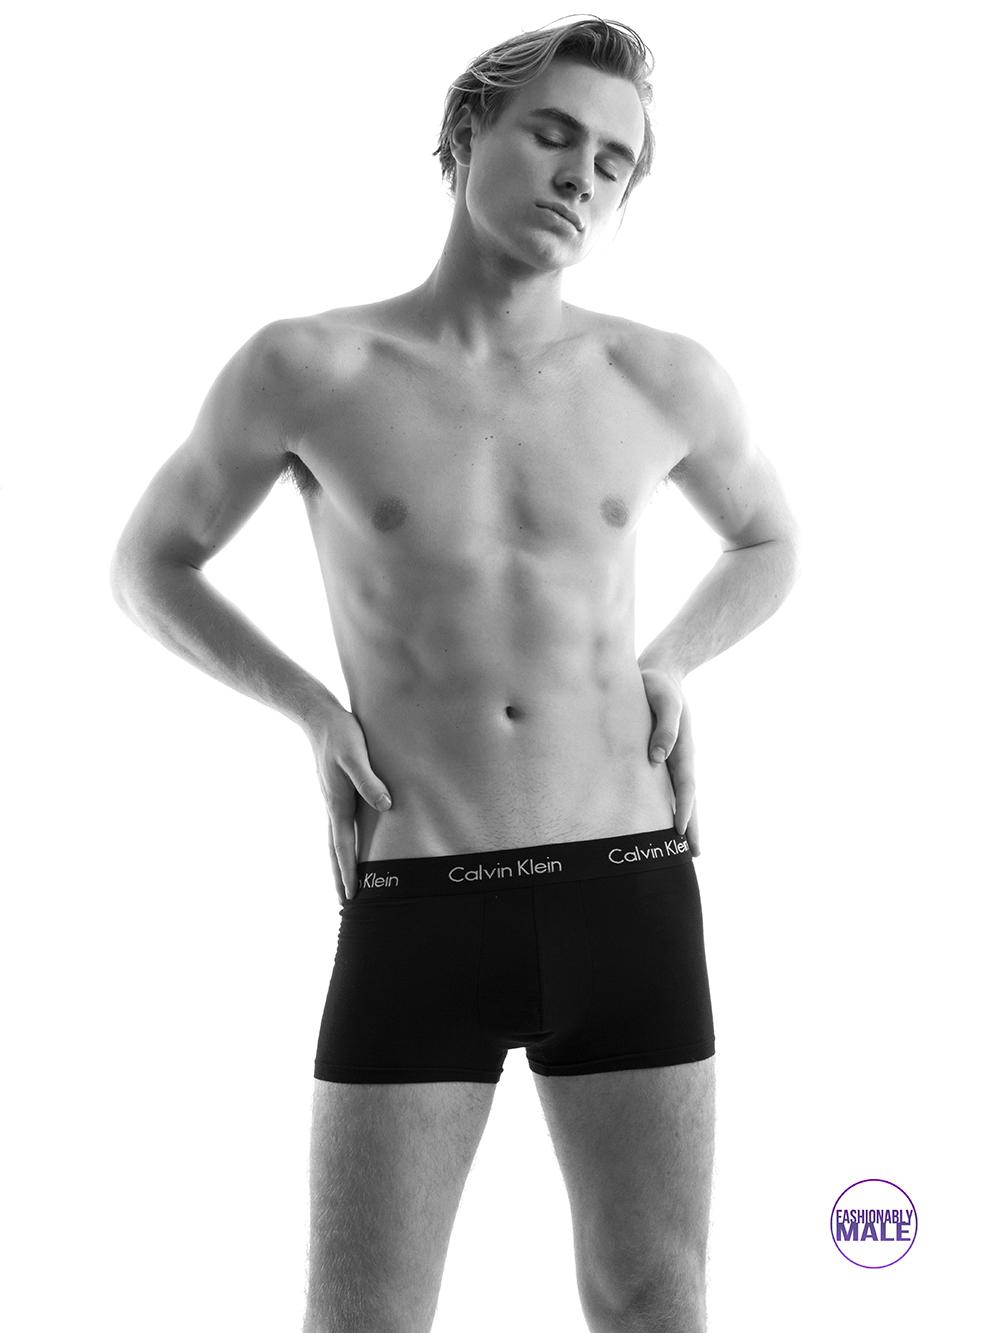 FashionablyMale ALEX CARRABRE (17)